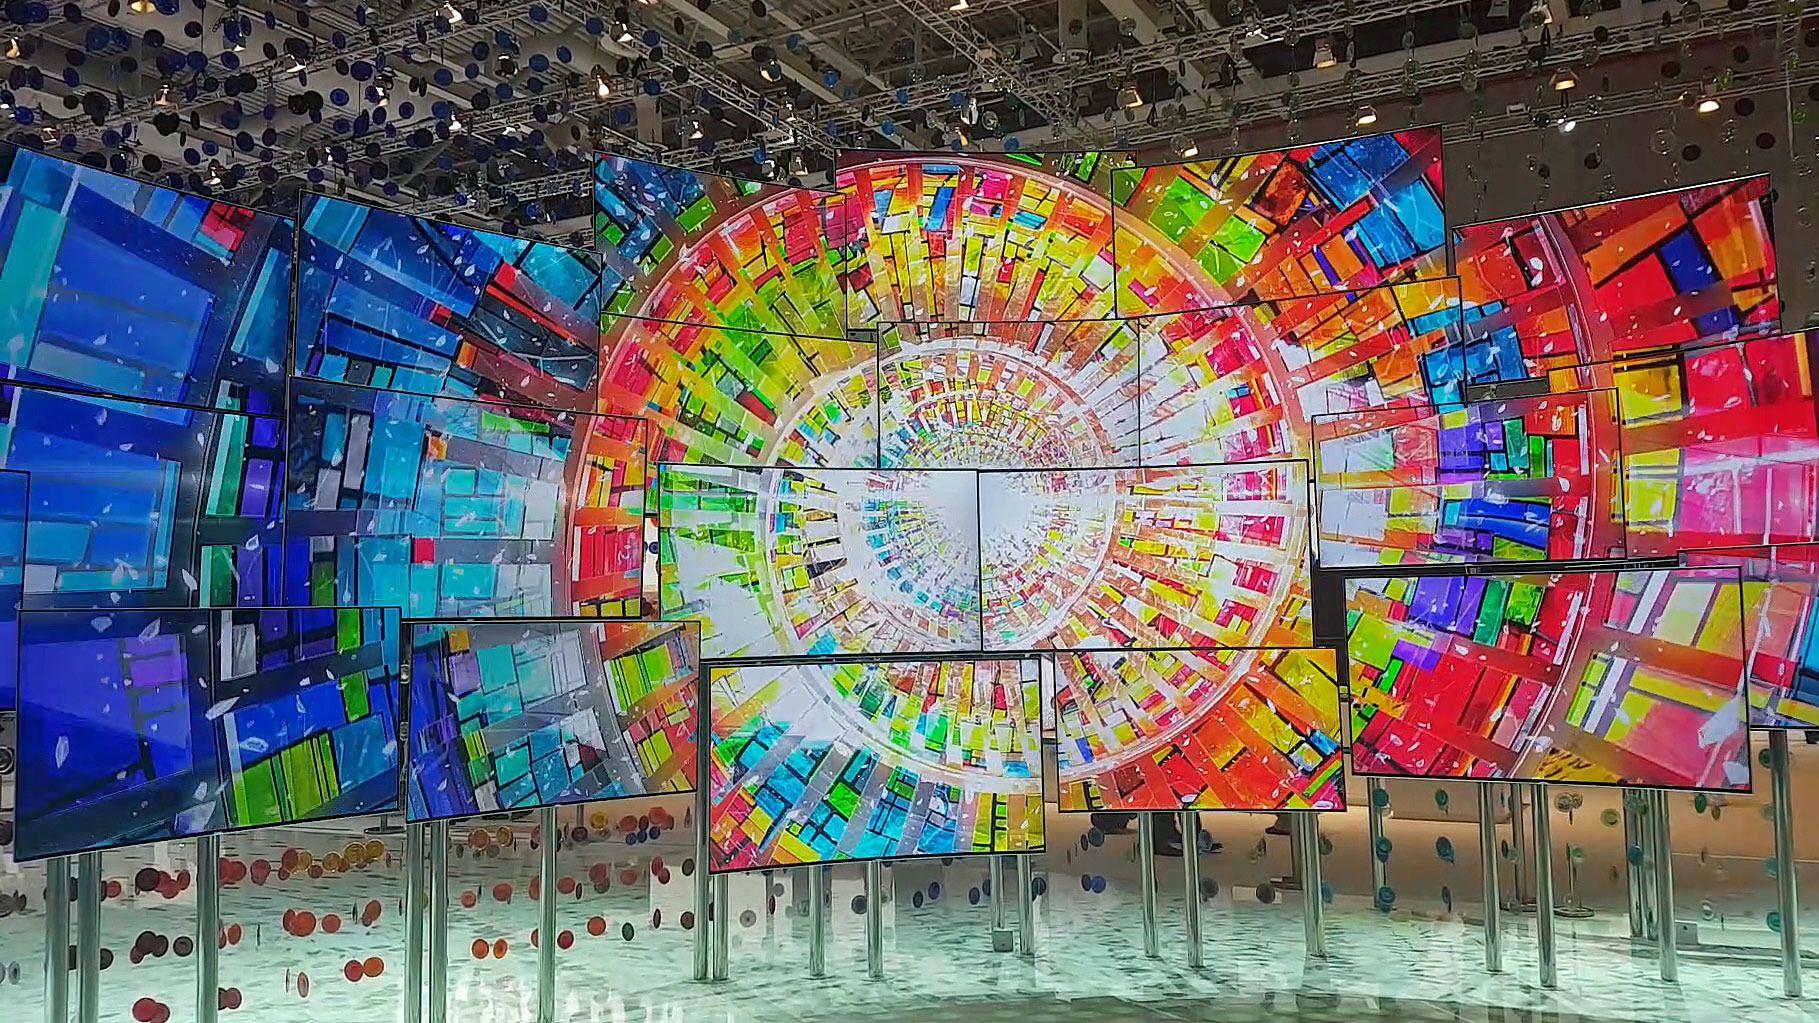 OLED versus kvanteprikker